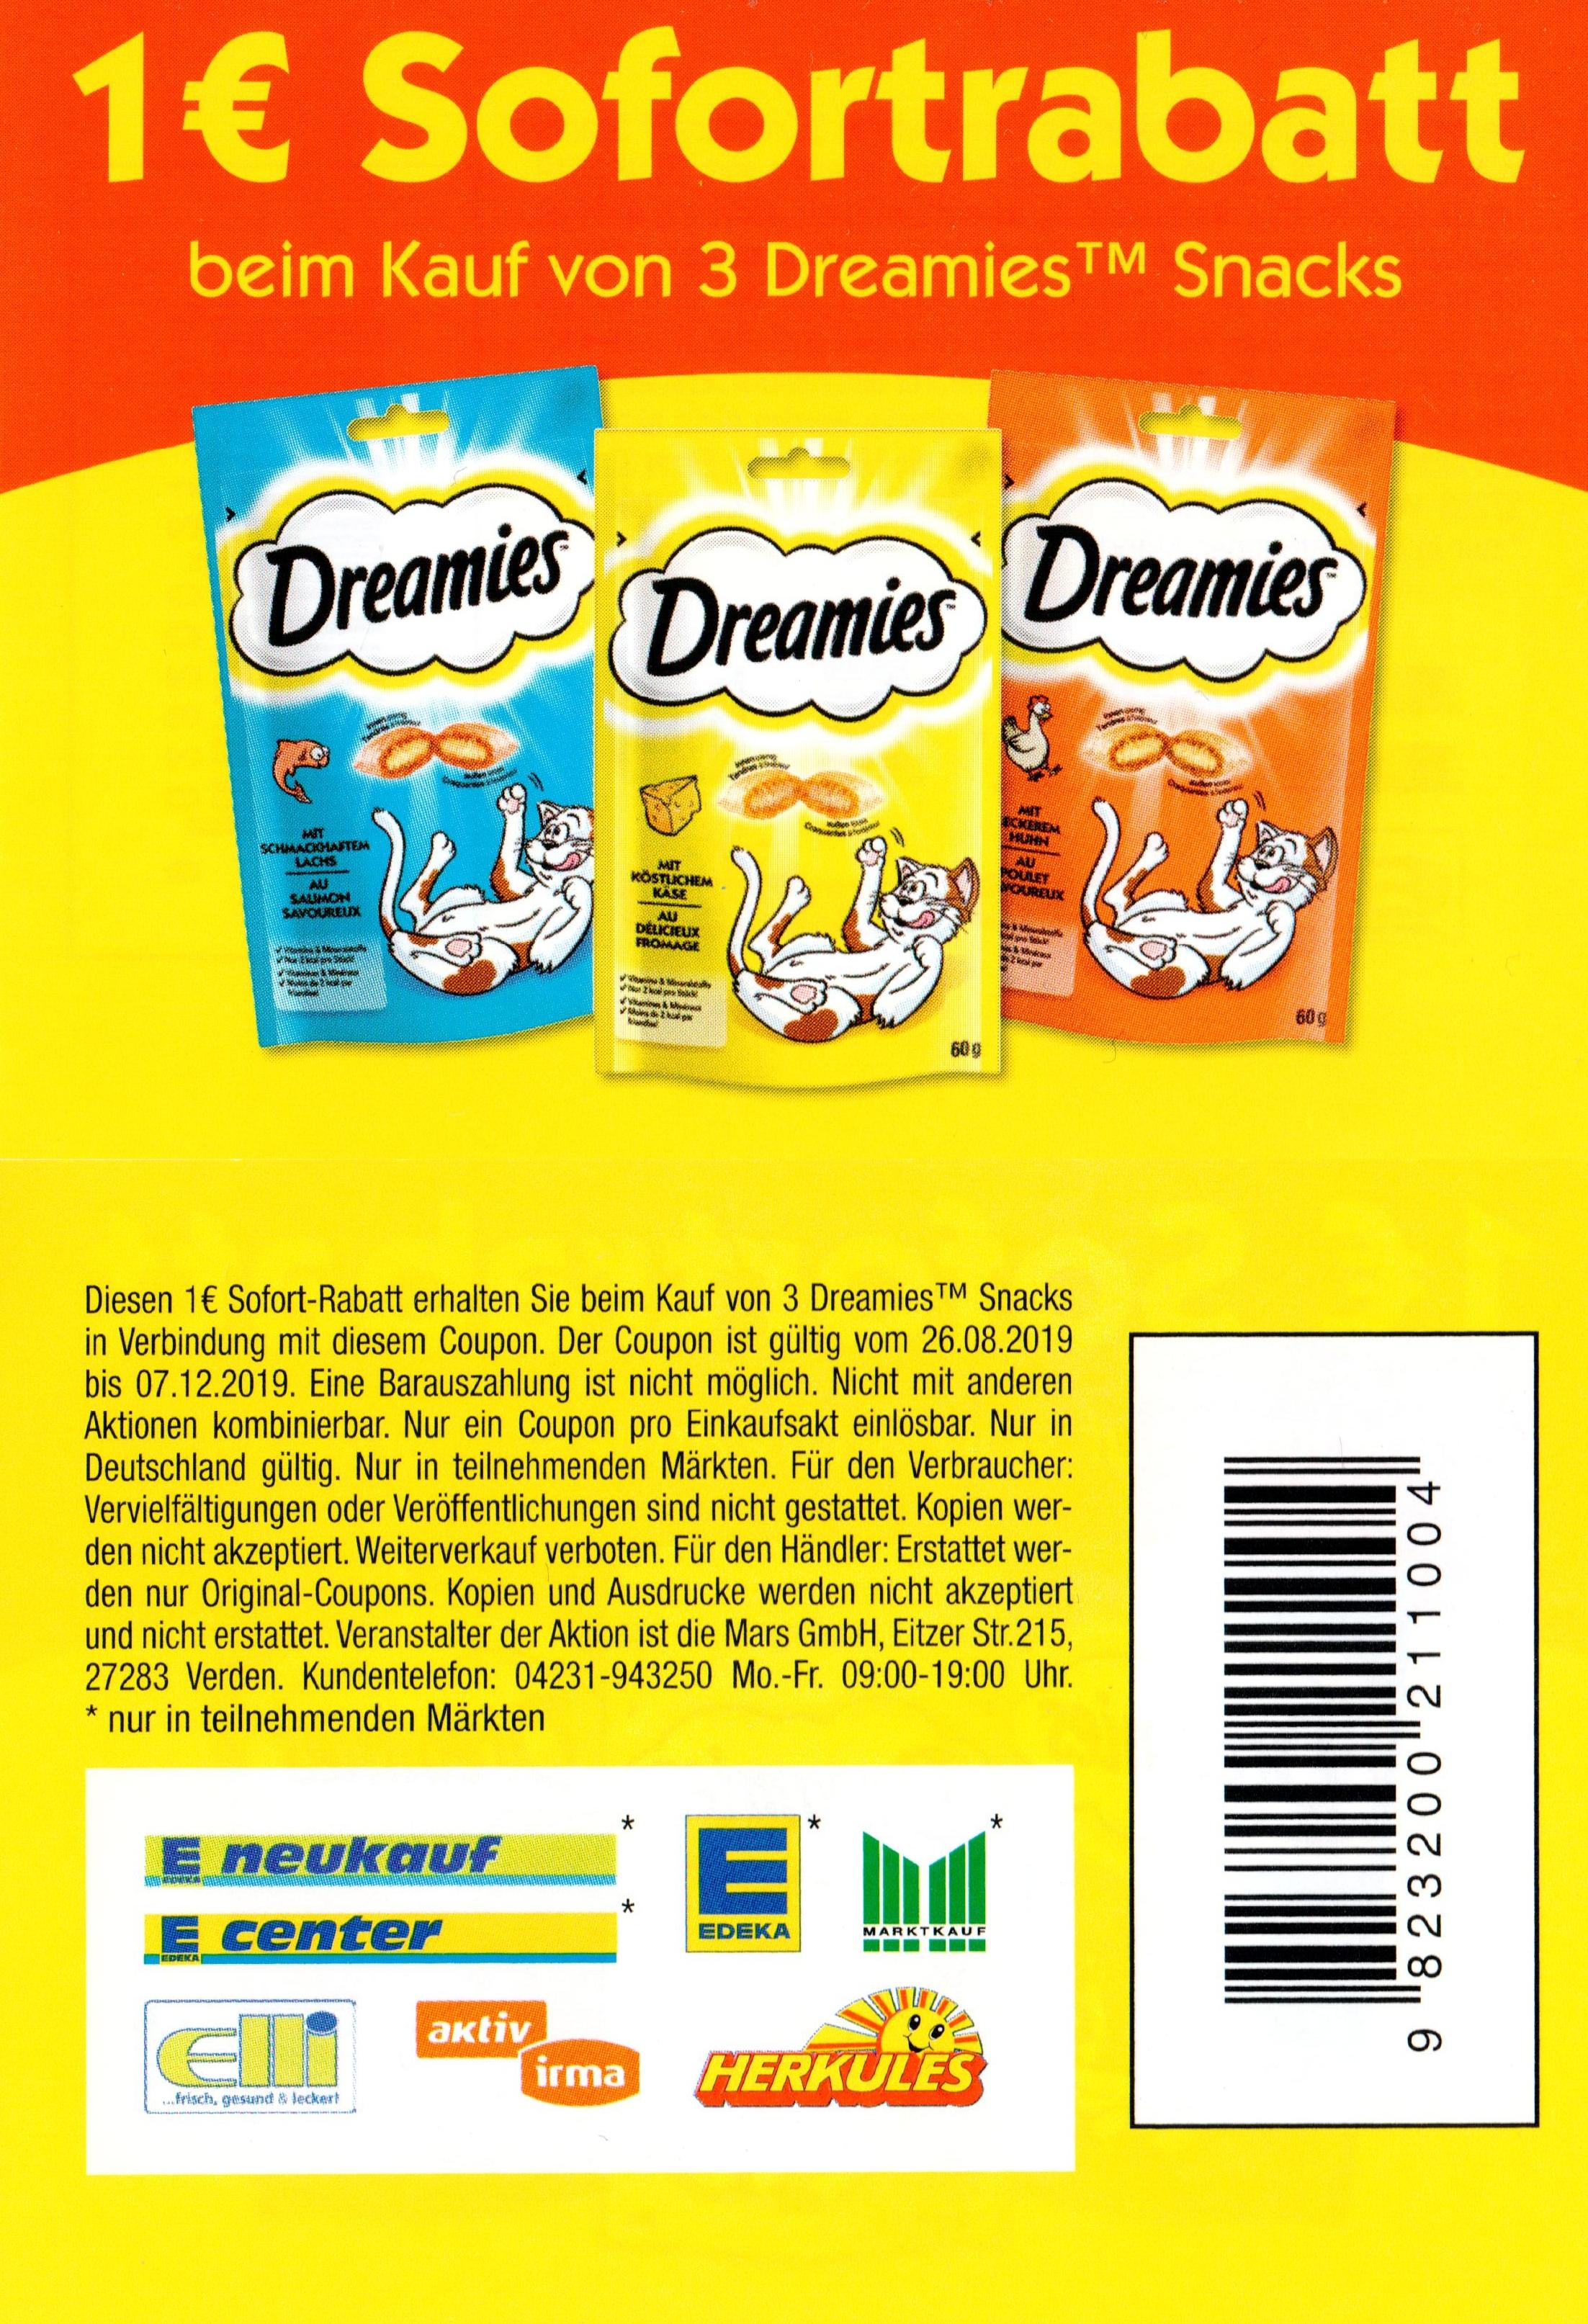 1,00€ Rabatt Coupon für den Kauf von 3 Packungen Dreamies Snacks bis 07.12.2019